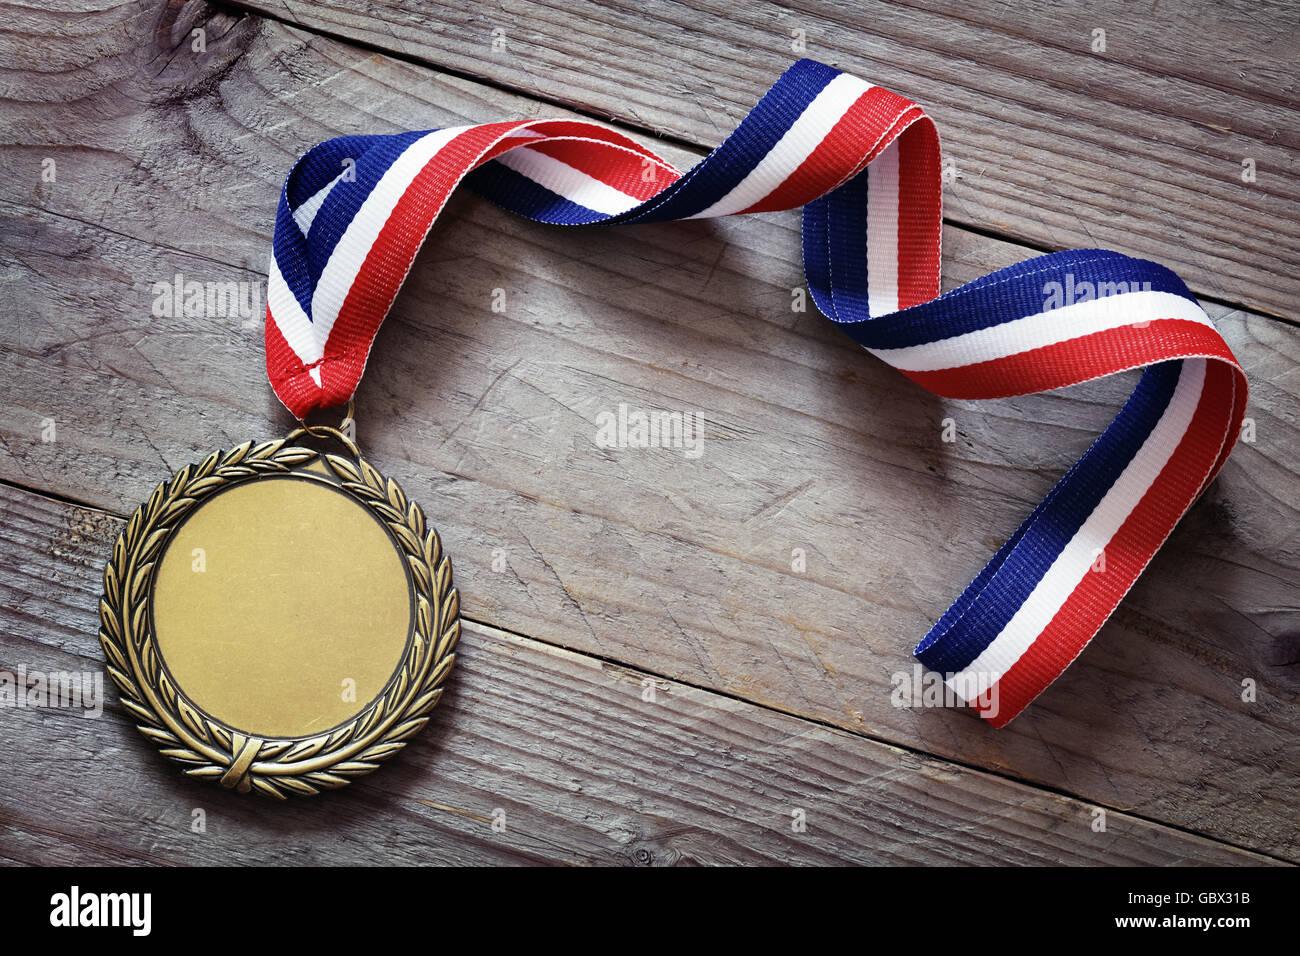 Medalla de oro sobre fondo de madera con la cara en blanco para texto, concepto para ganar o éxito Imagen De Stock